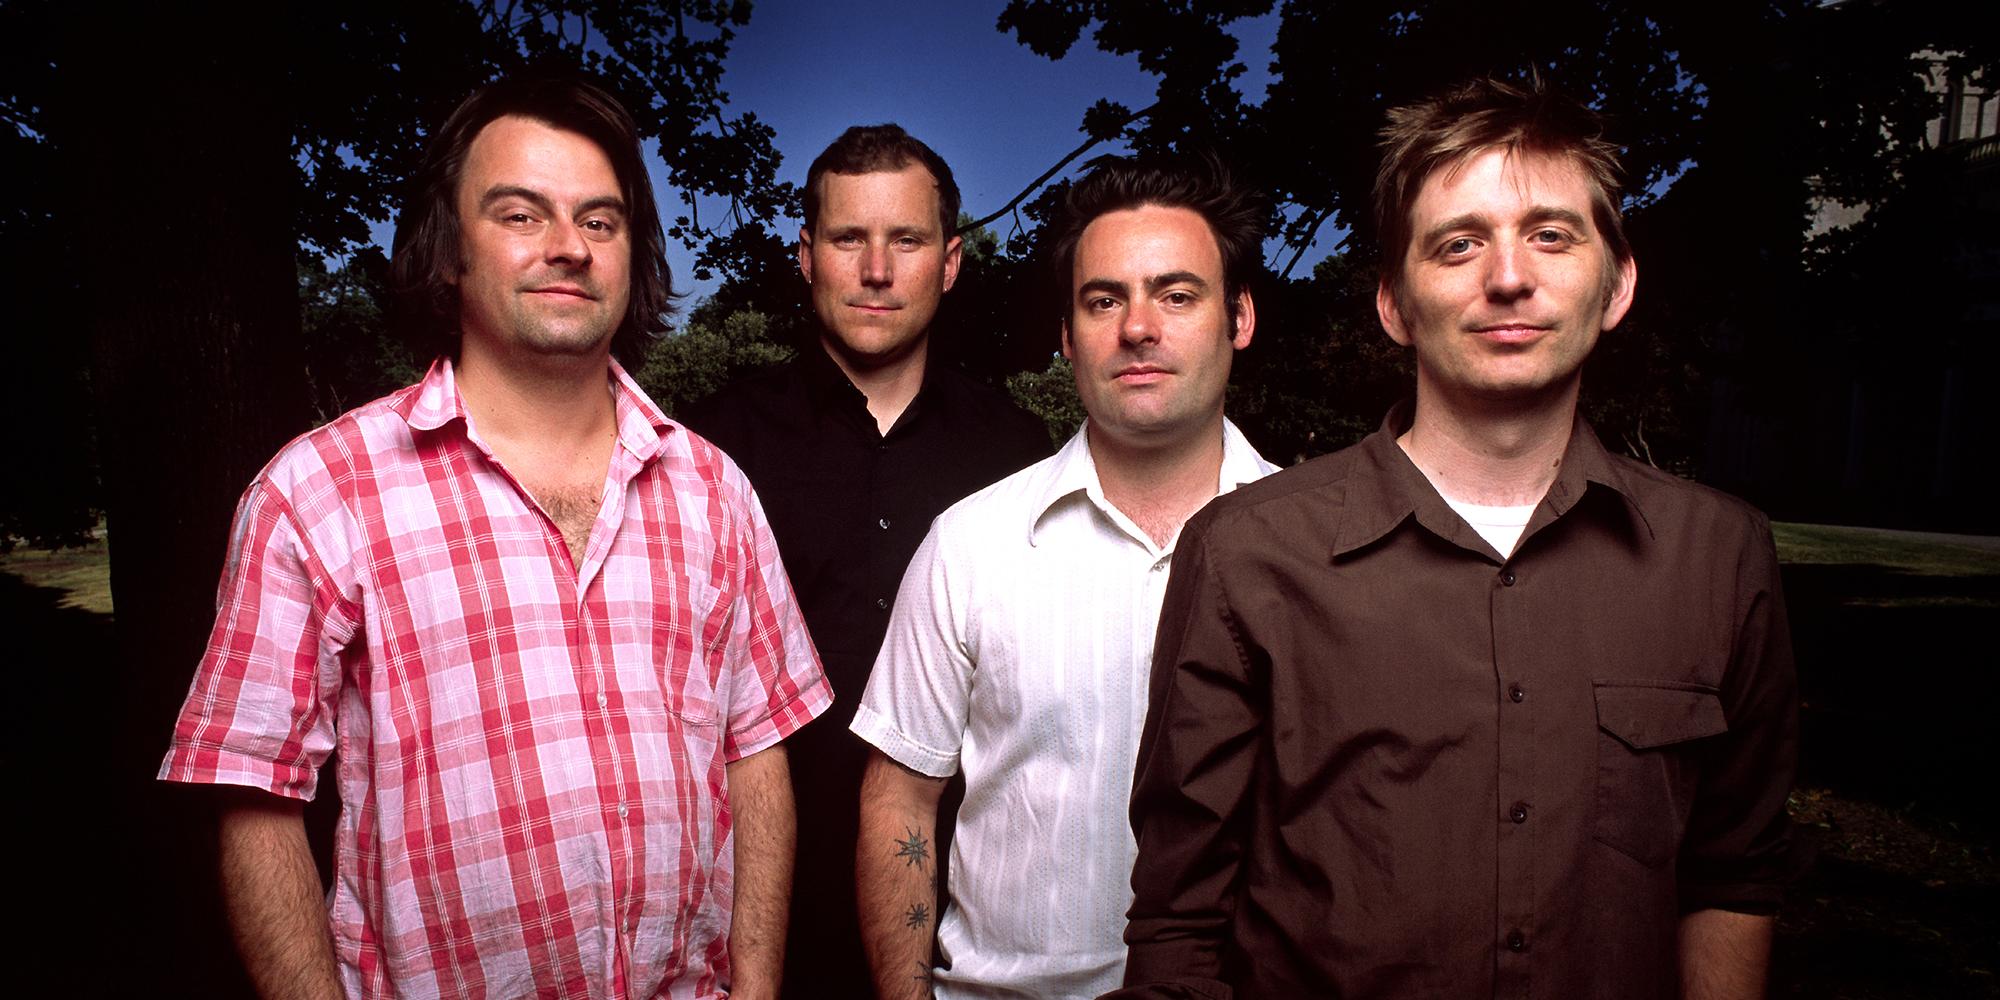 The Weakerthans (New York, NY - July 13, 2006)